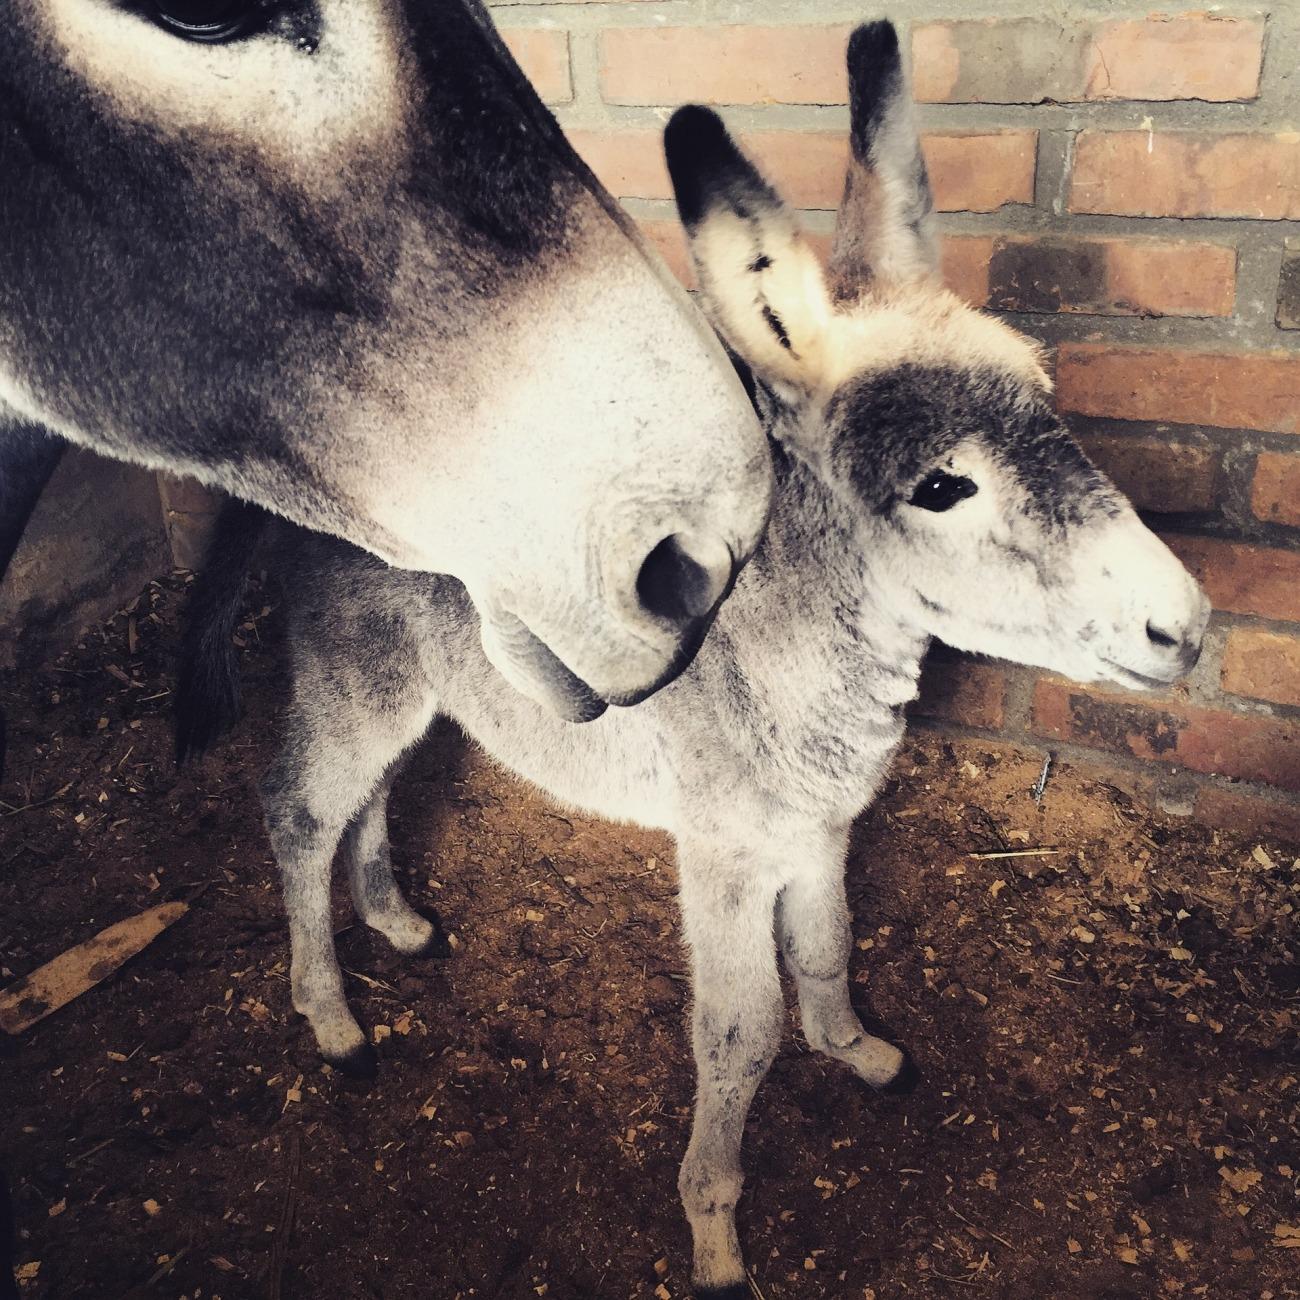 donkey-1674937_1920